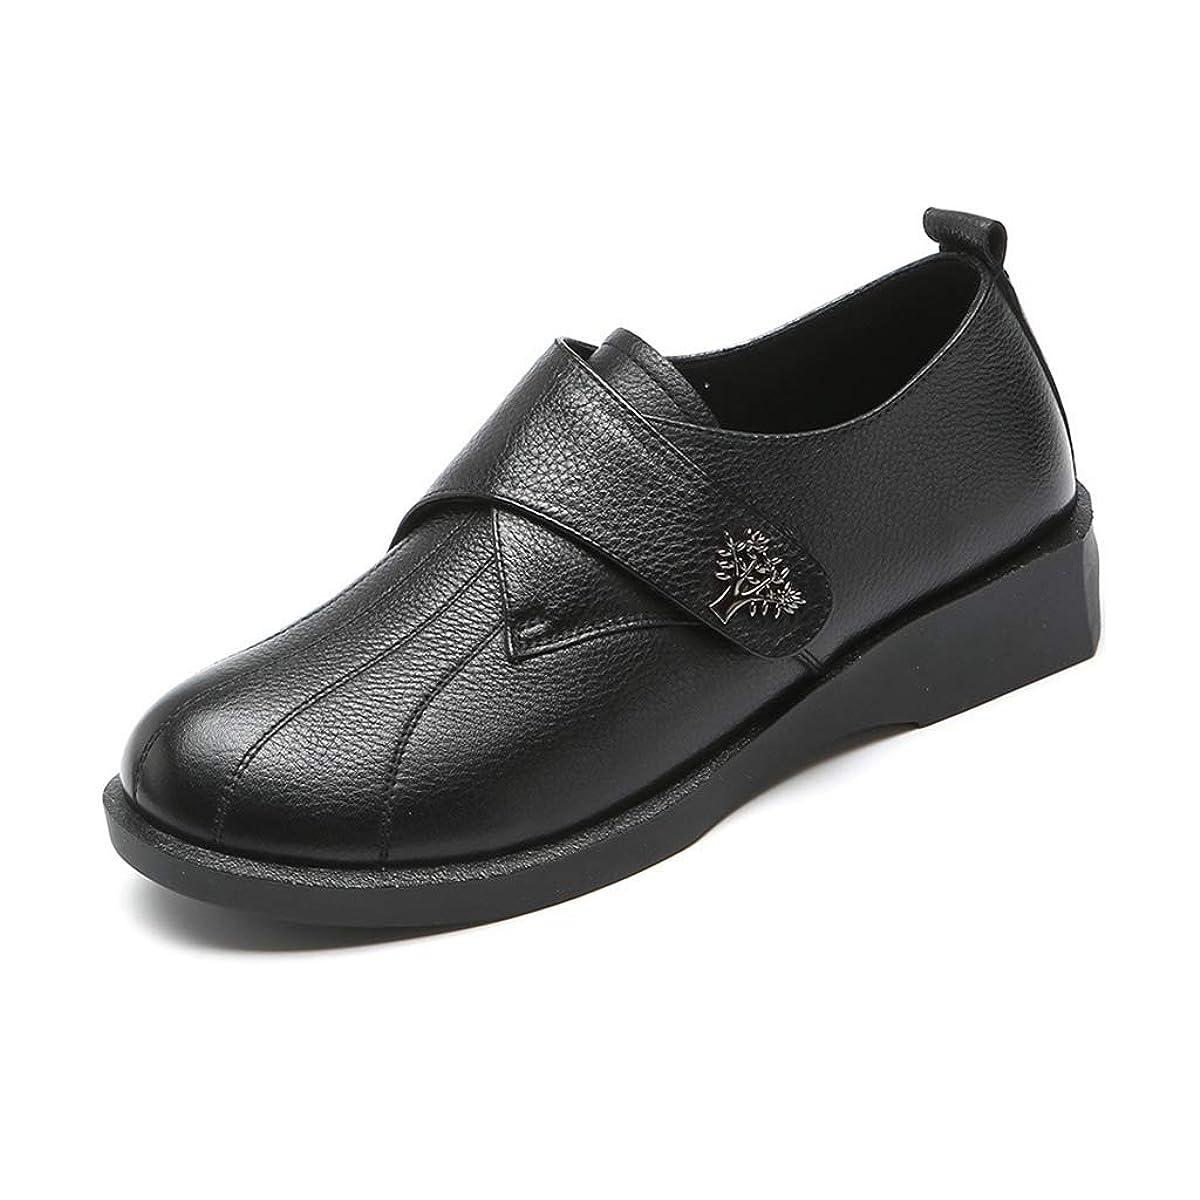 ミキサーどんよりした職業[実りの秋] シニアシューズ レディース 25.0CMまで お年寄りシューズ マジックテープ 疲れにくい 滑り止め 婦人靴 モカシン 介護用 軽量 安定感 通気性 高齢者 母の日 敬老の日 通年